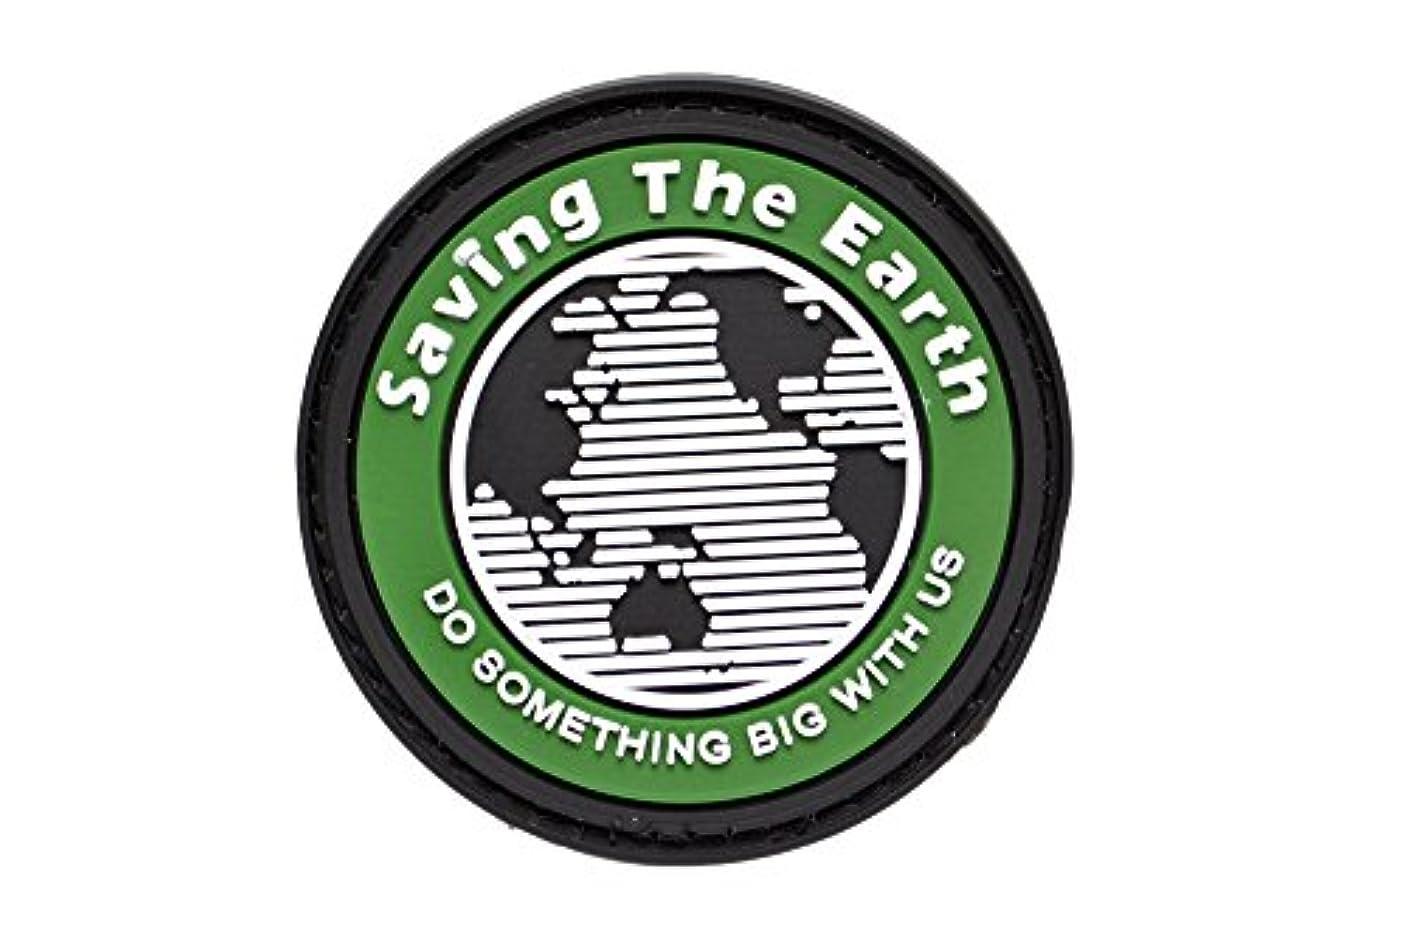 甥アピール確認PVC製 丸型 Saving The Earth ワッペン パッチ ベルクロ付 オリーブドラブ OD